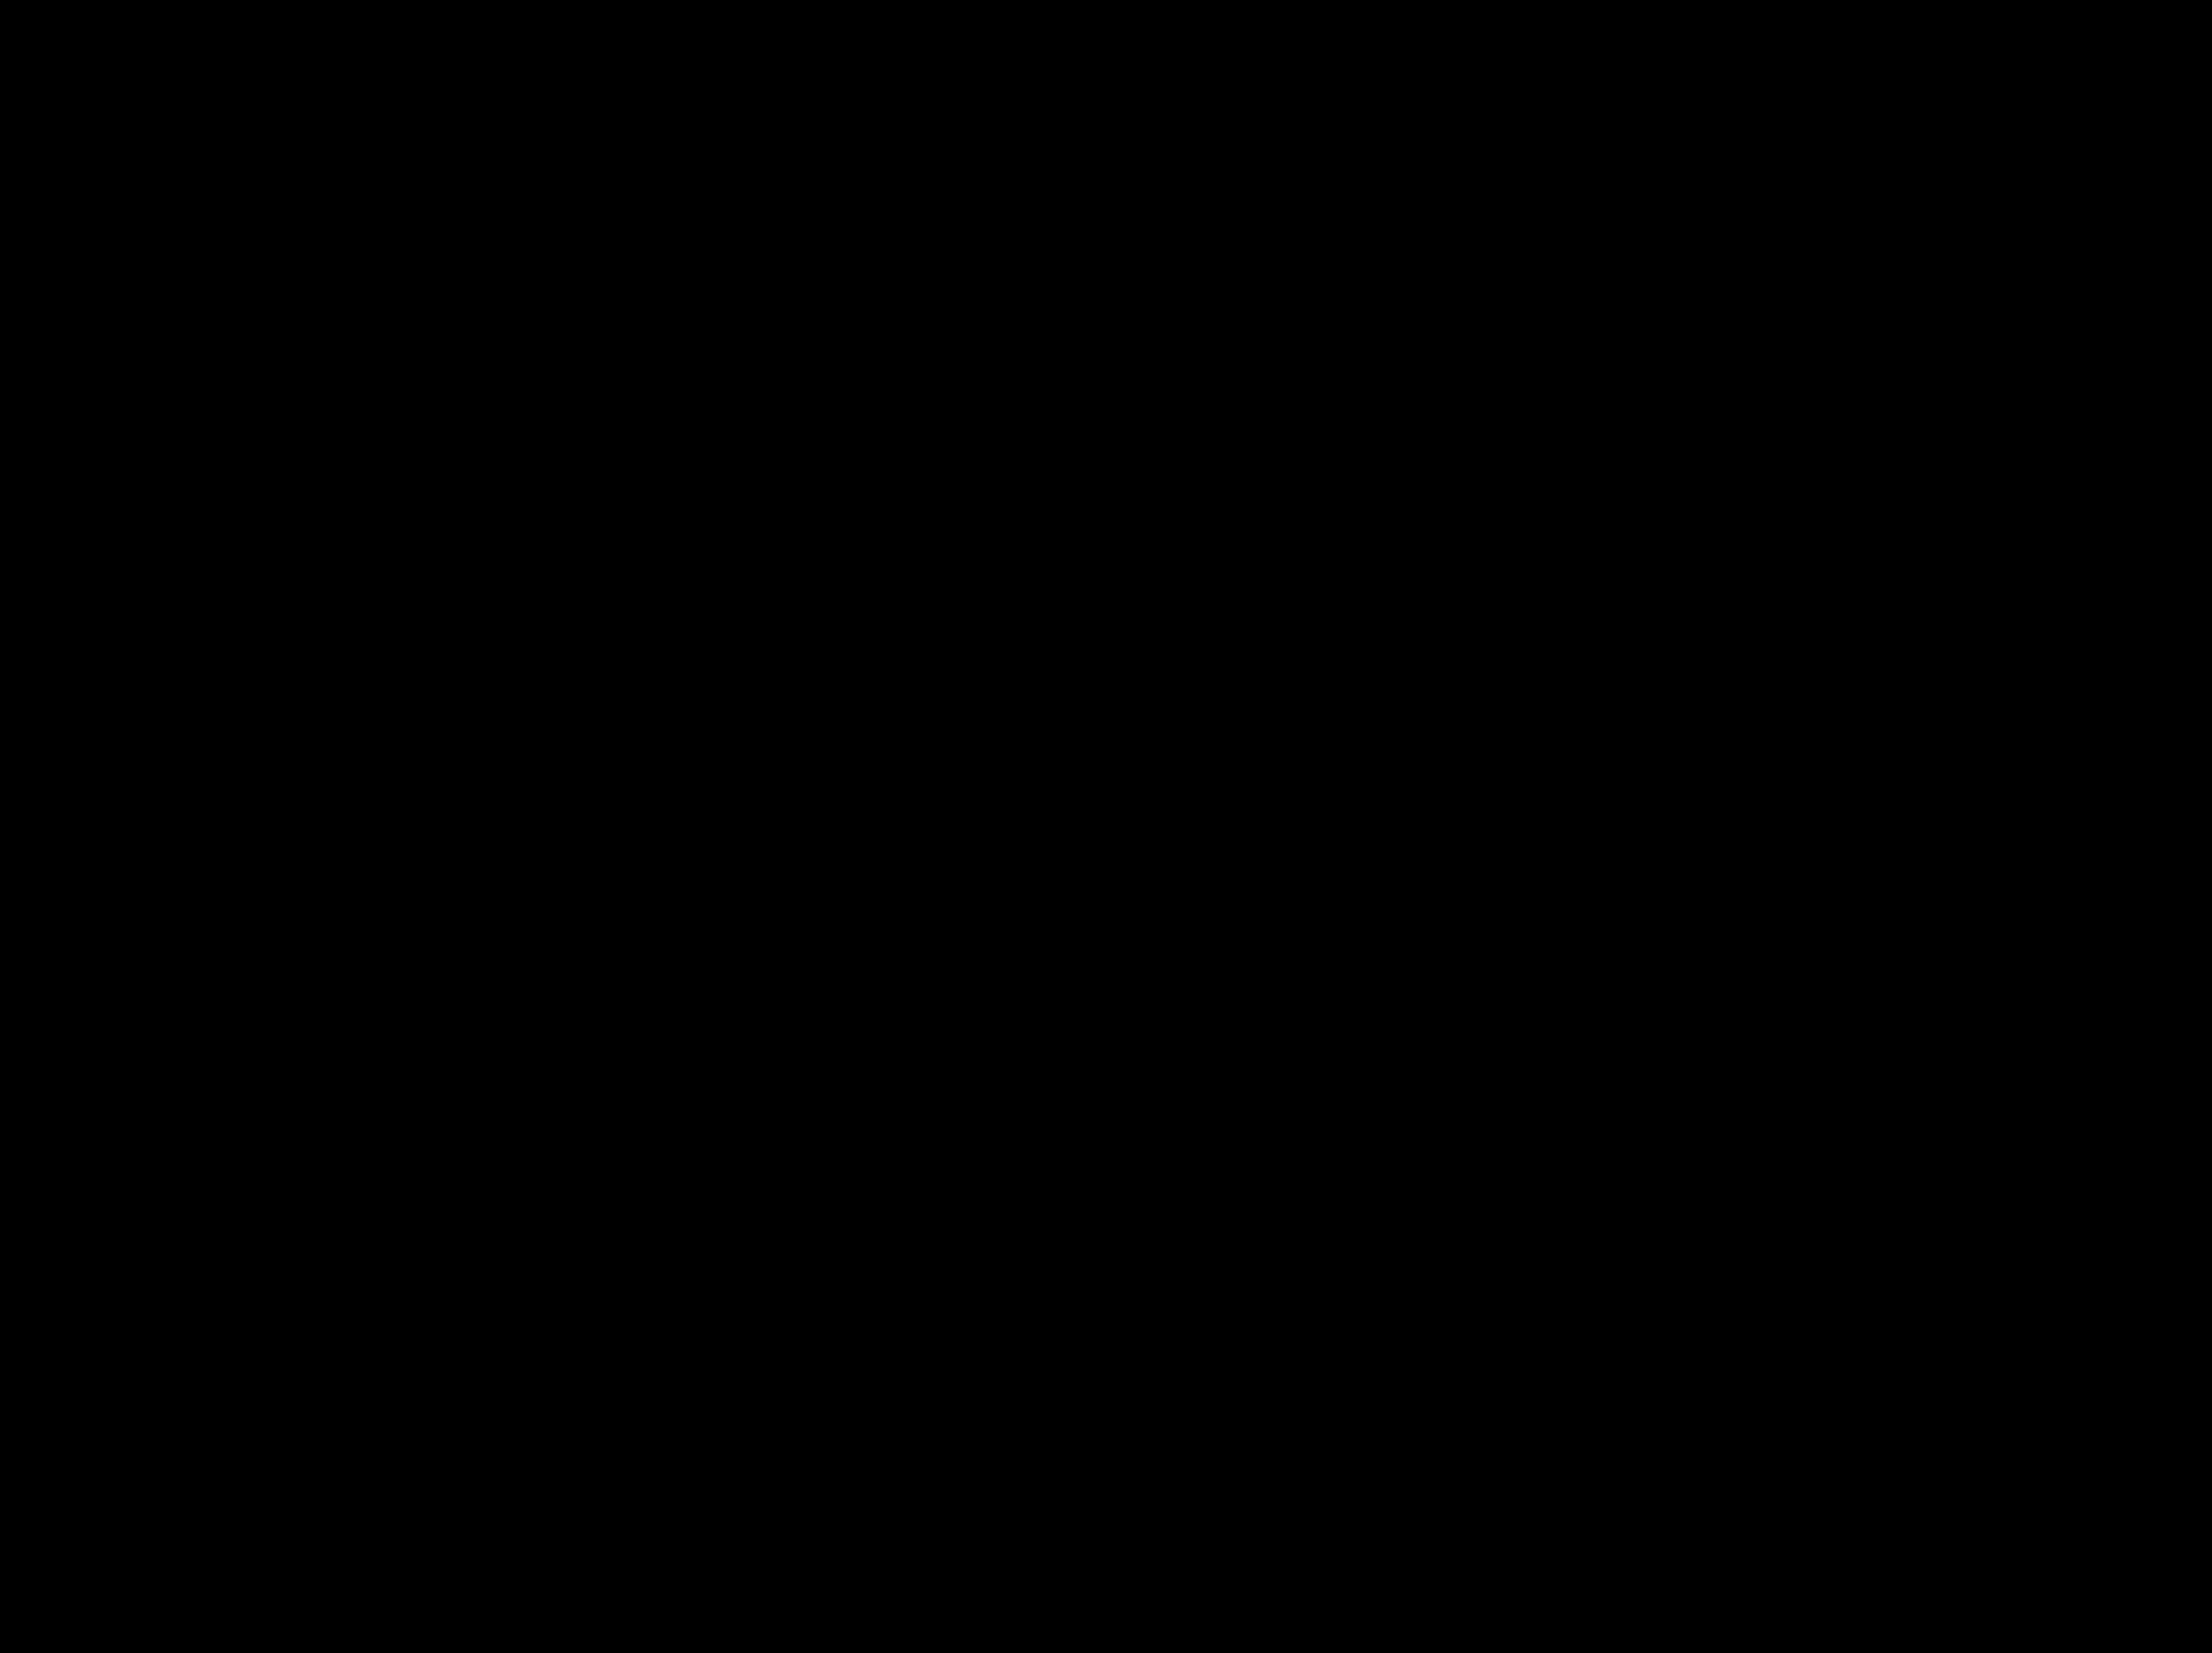 Bull PNG HD - Bull PNG